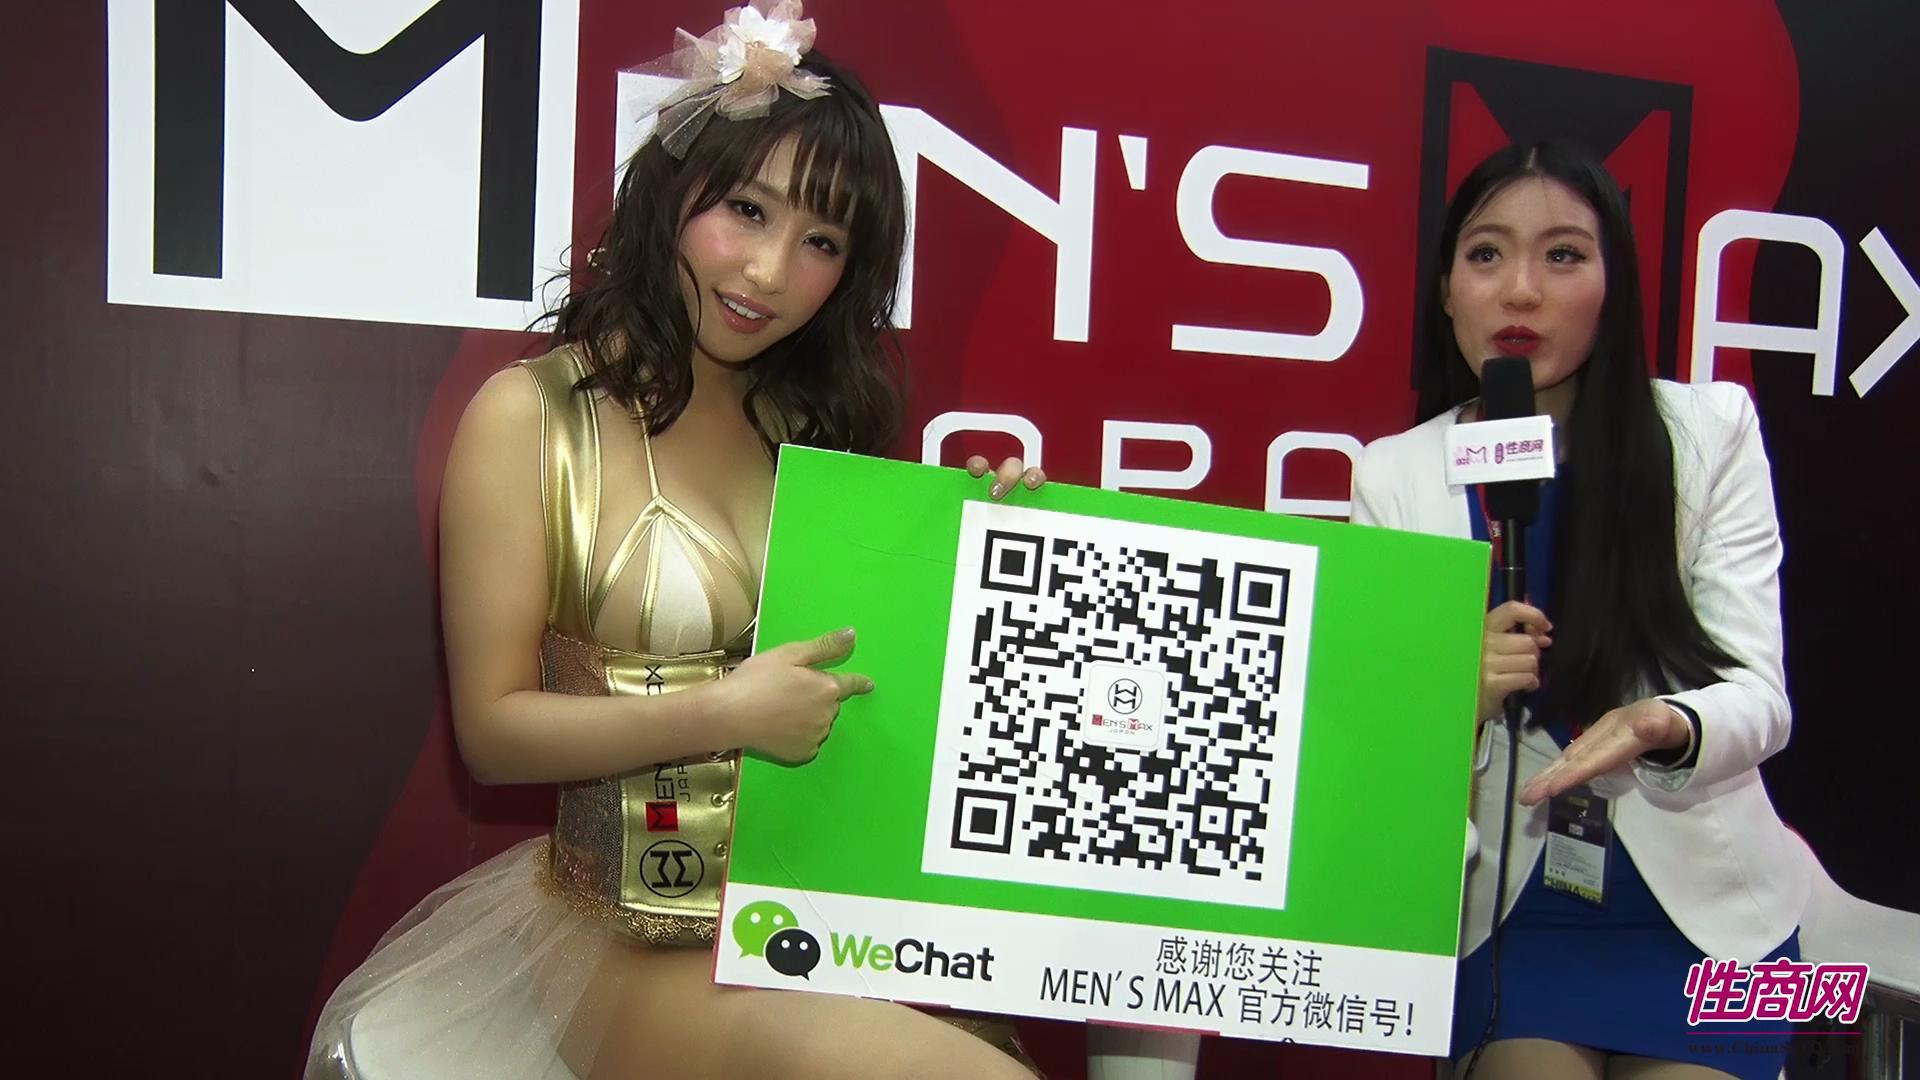 彩美旬果-2017上海成人展颜值担当-性商网专访MensMax代言人图片3